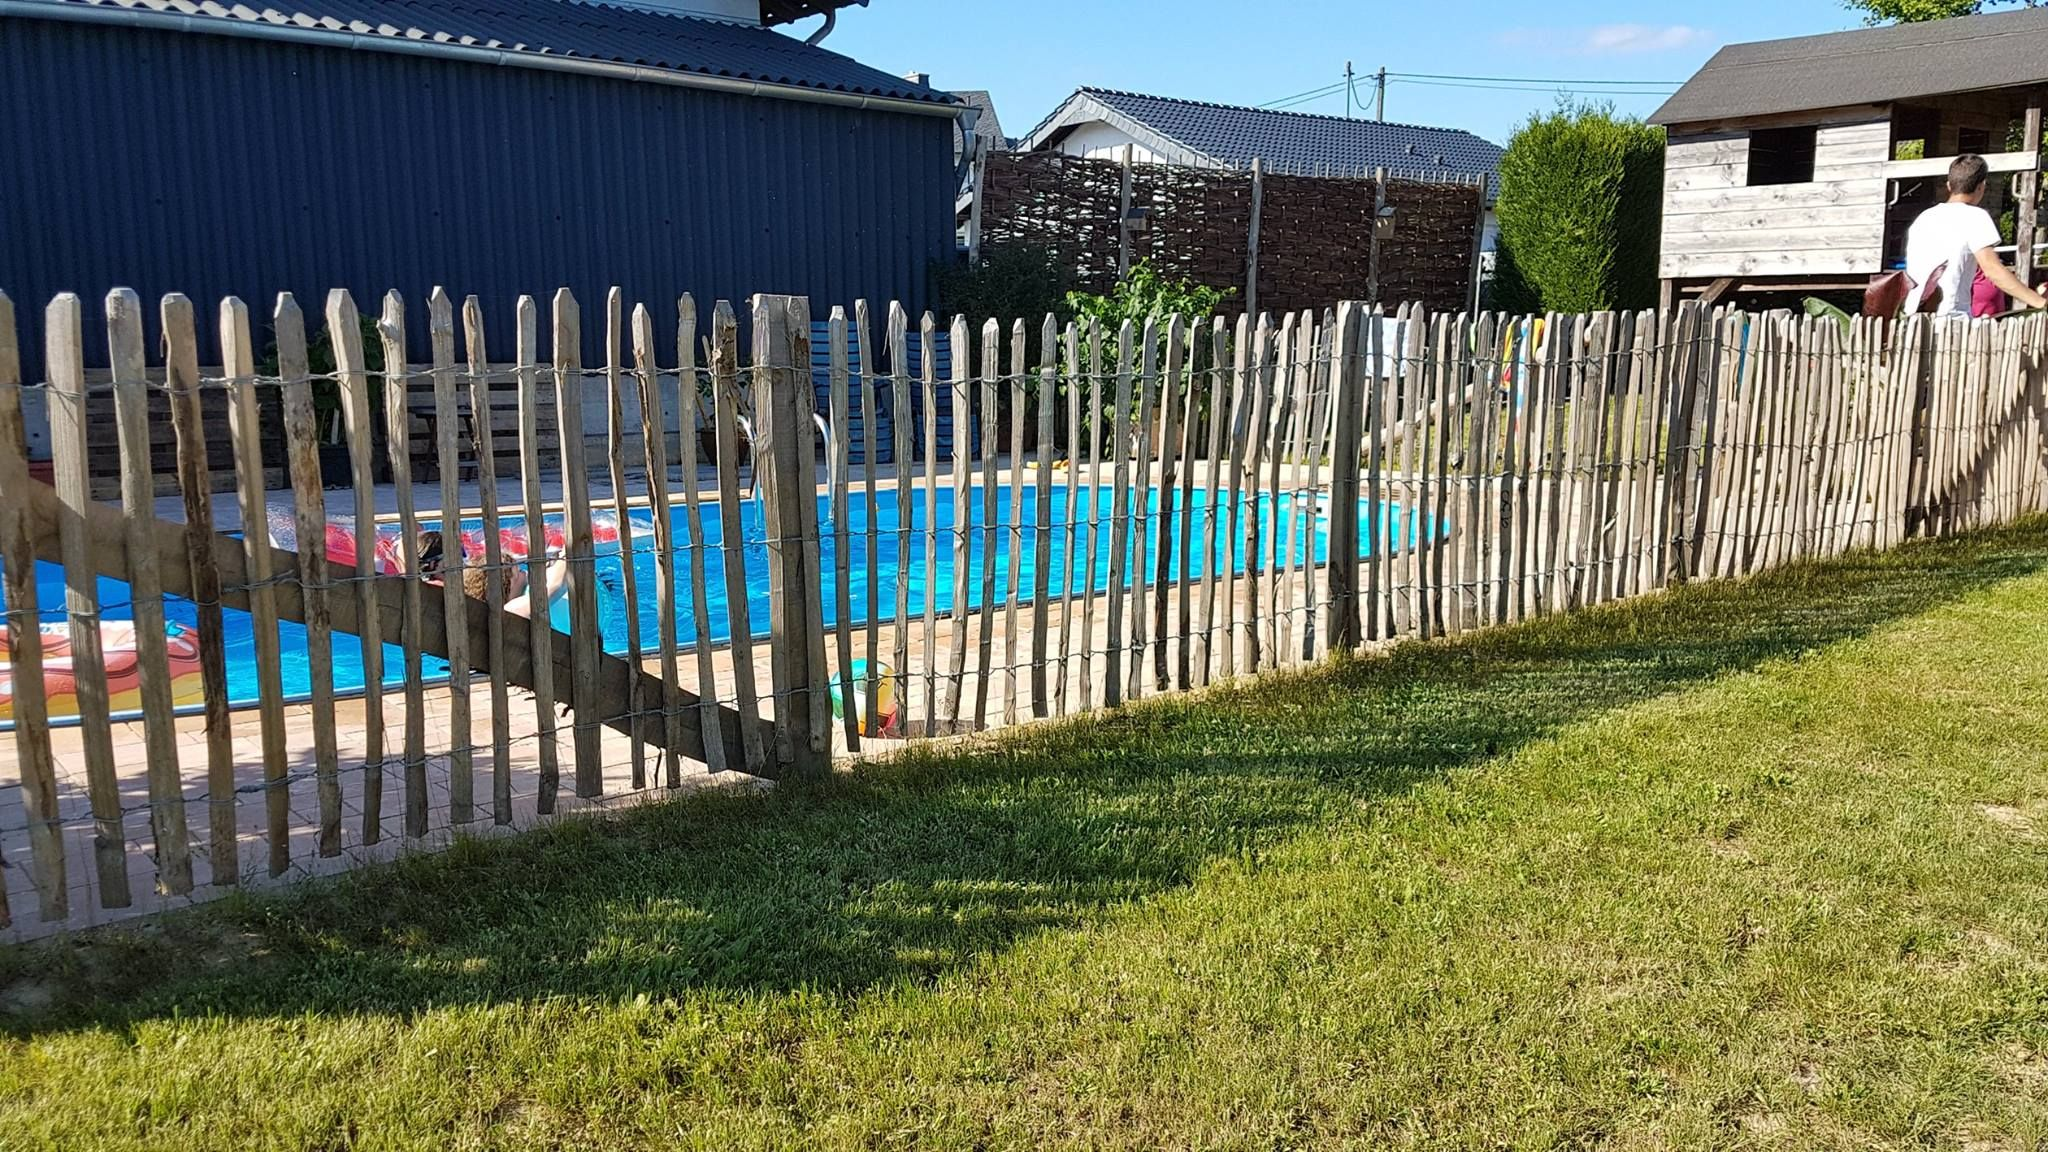 gartengestaltung mit staketenzaun pooleinfassung aus staketenzaun, tolle idee von staketenzaun